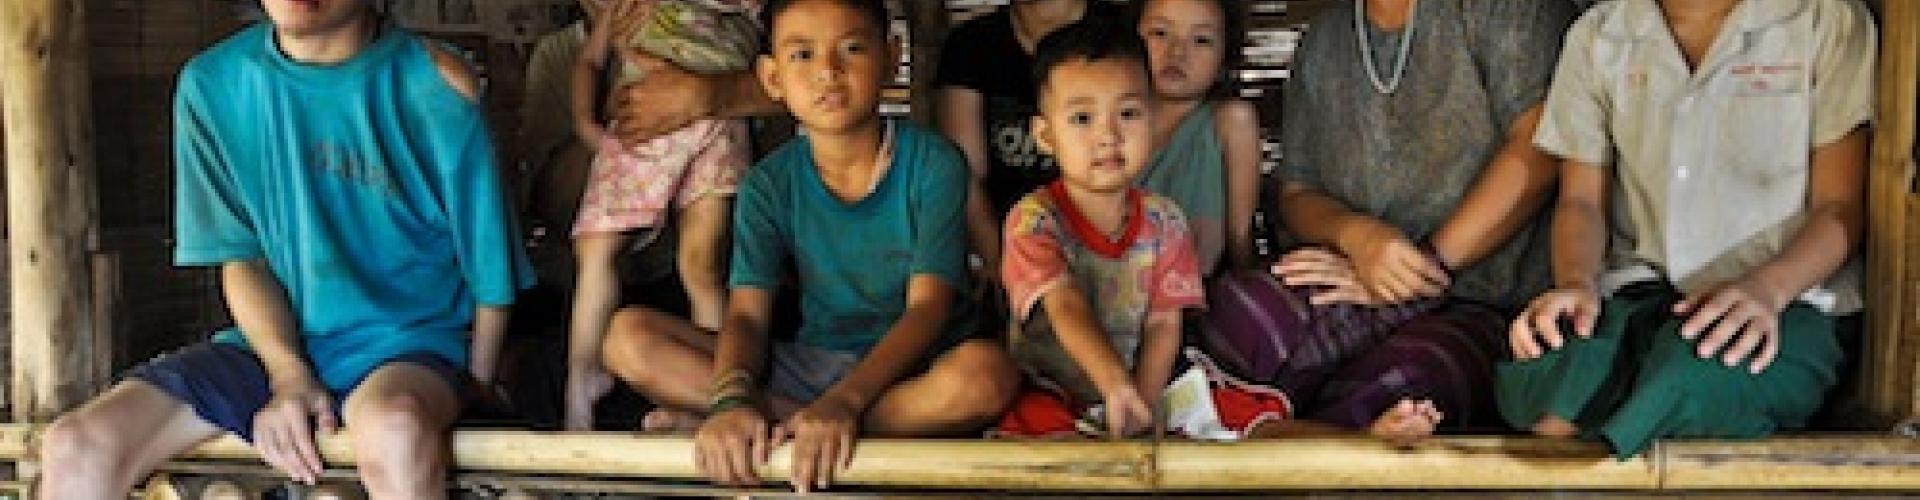 ลูเซีย : ฝันถึงบ้านใหม่ เพื่อลูกพิการ 2 คน